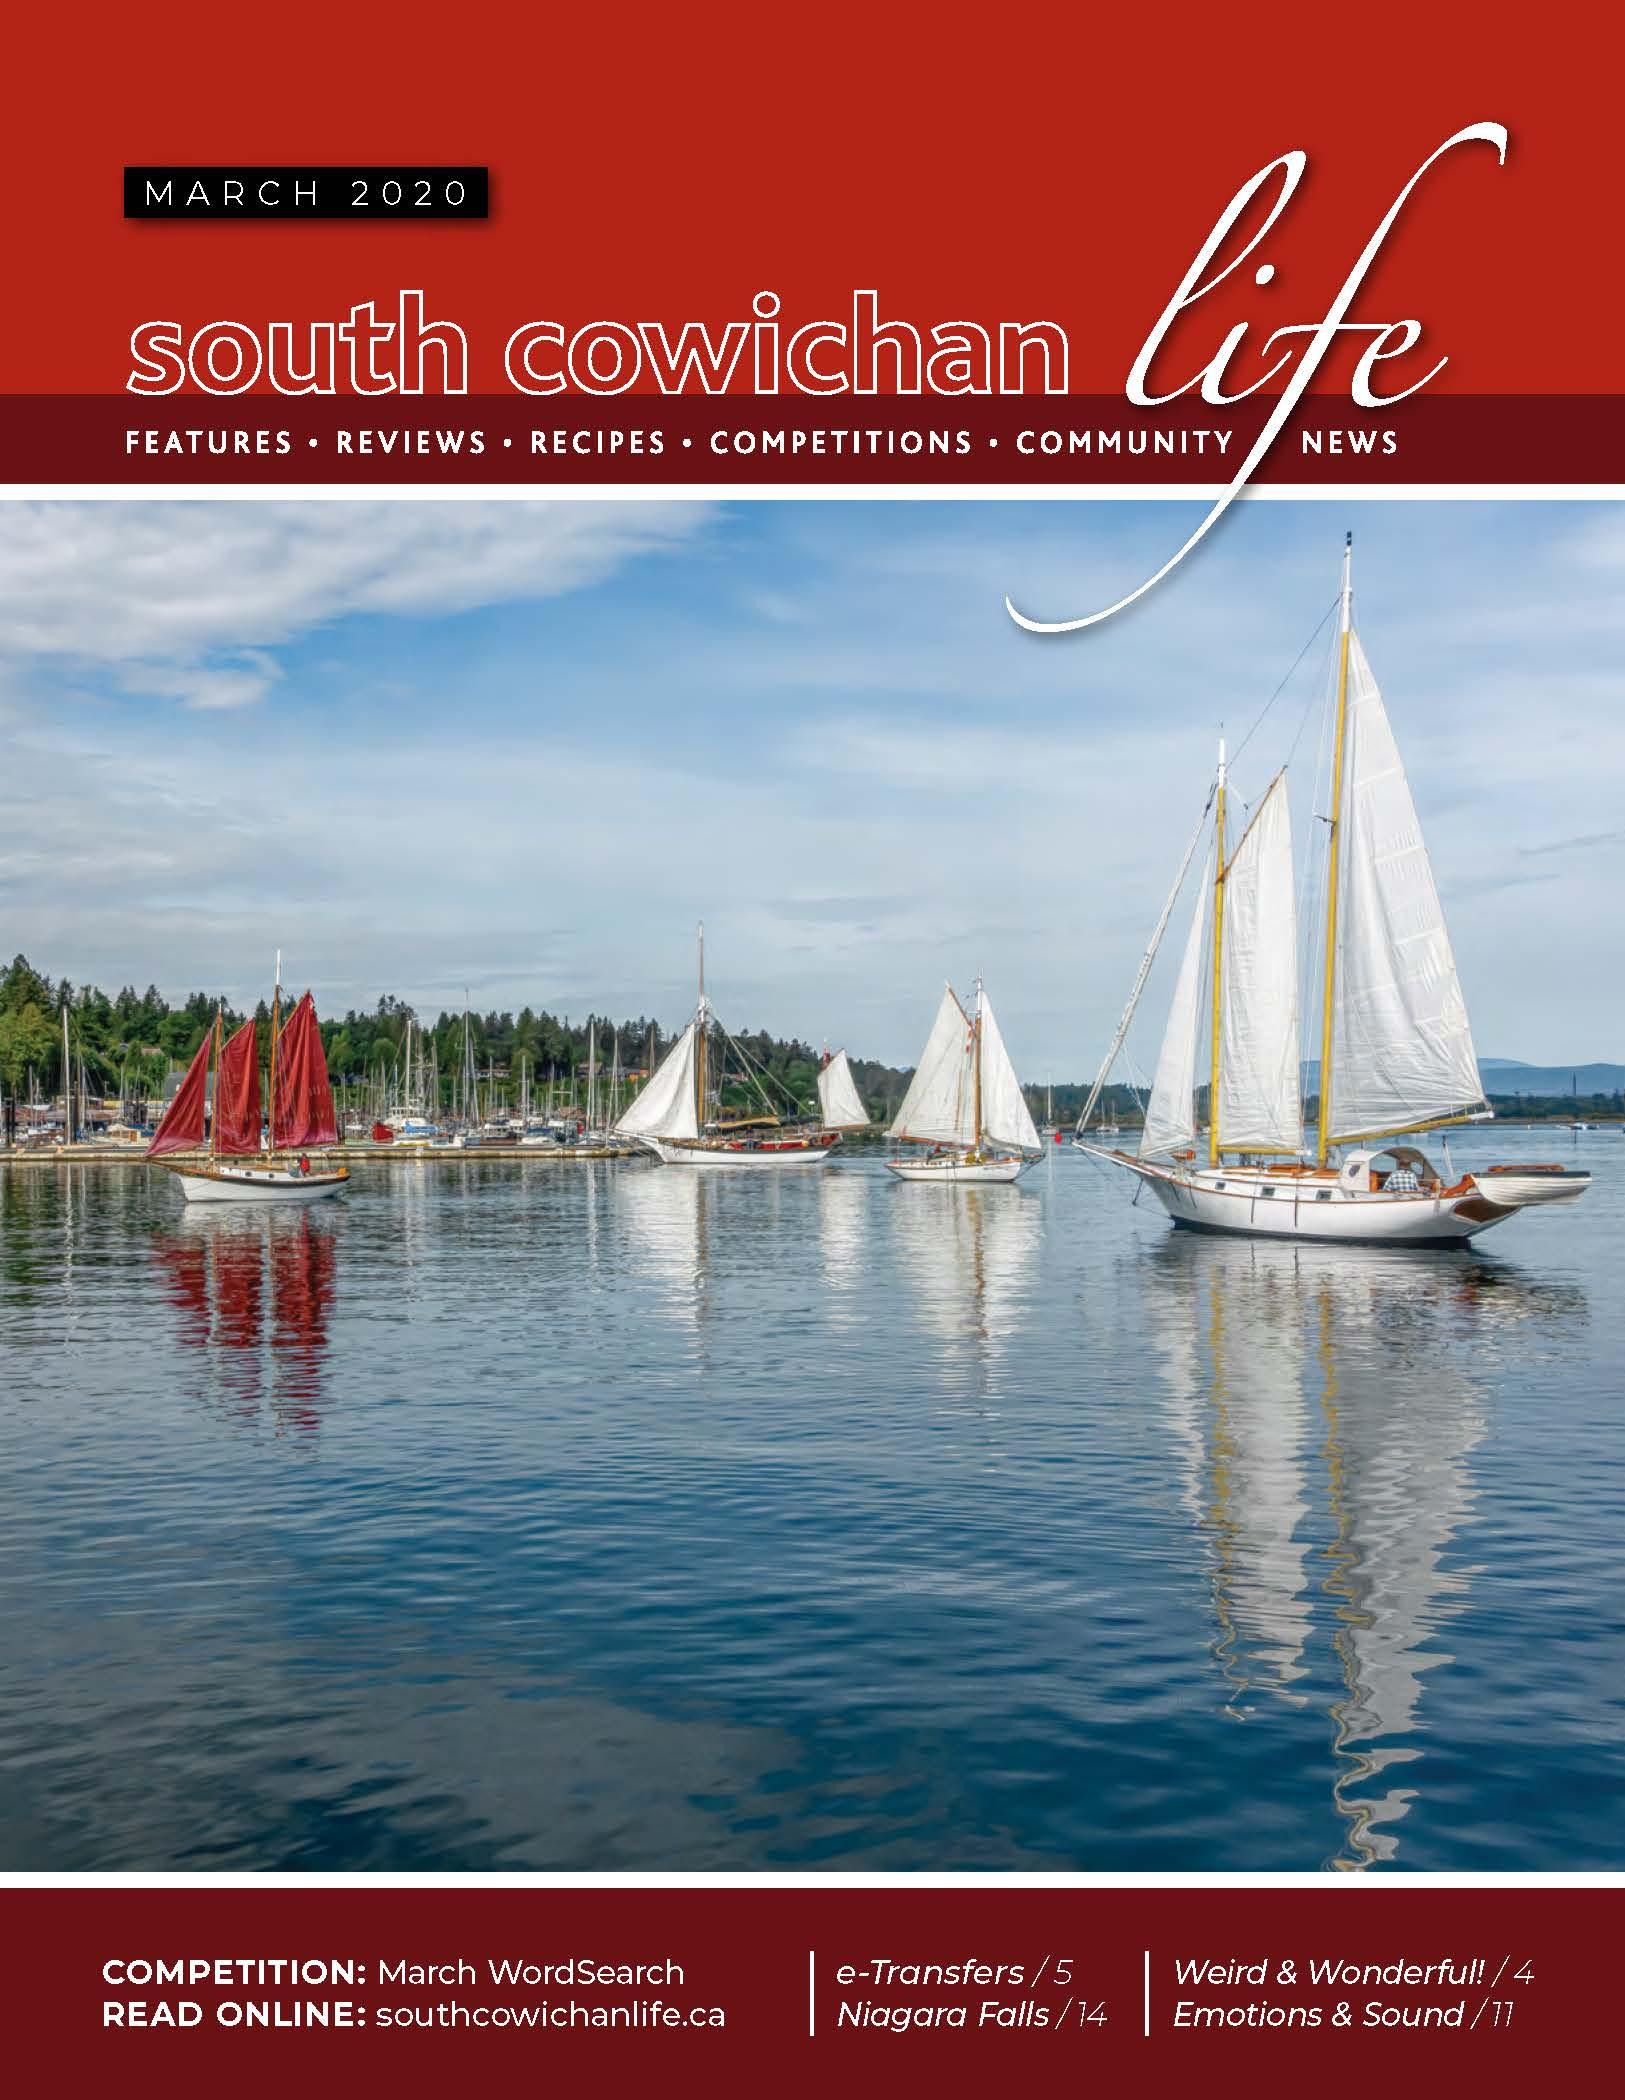 South Cowichan Life Mar 2020